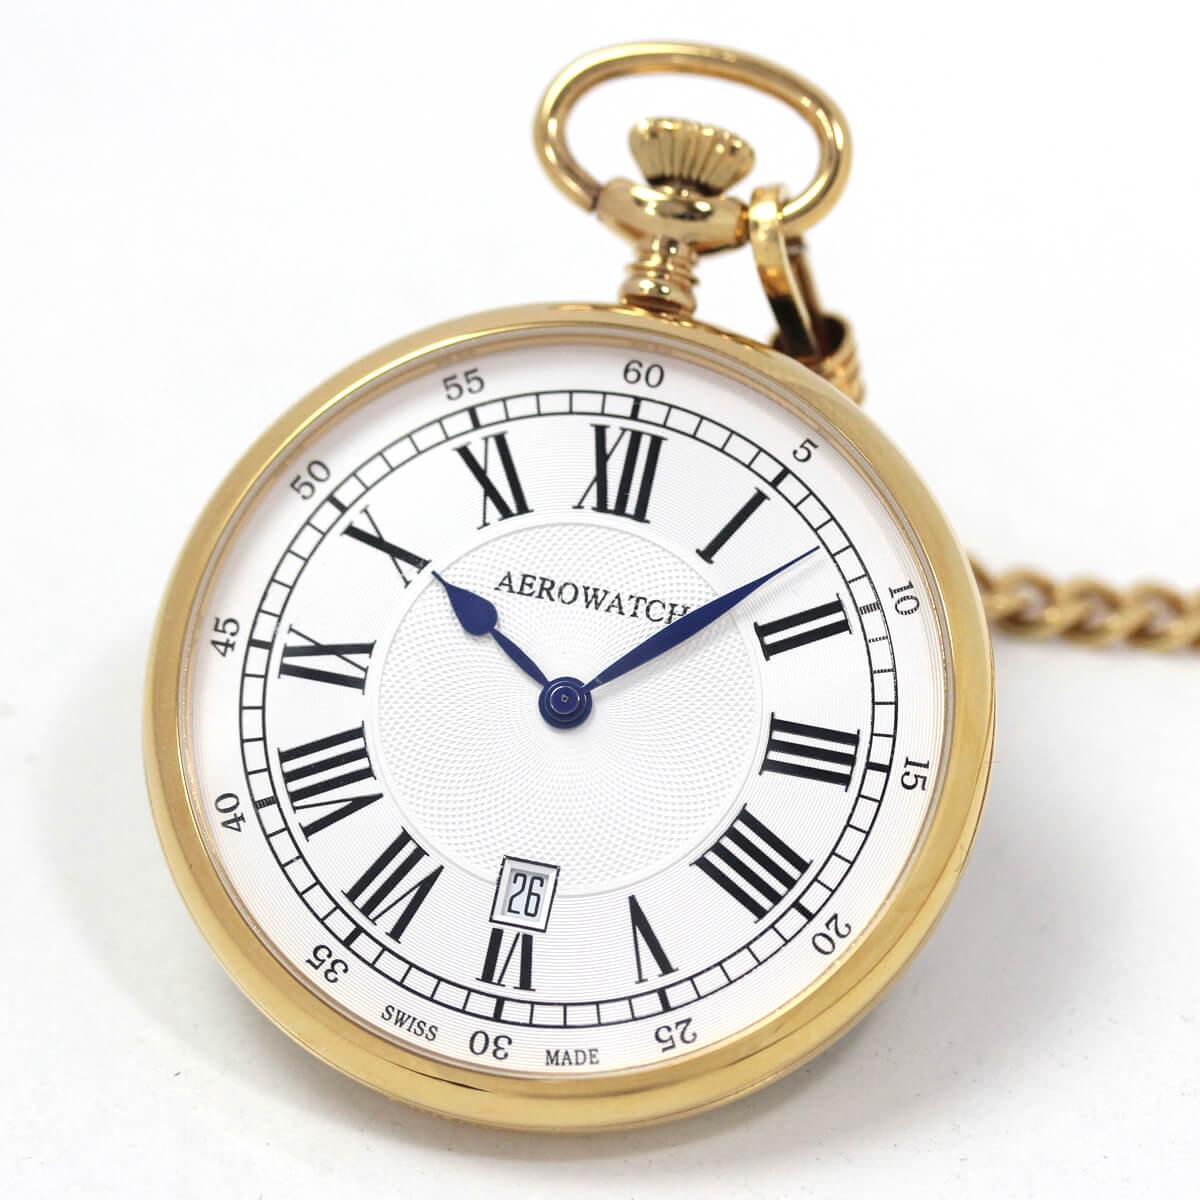 アエロ(AERO)/クォーツ式/25611J201/懐中時計